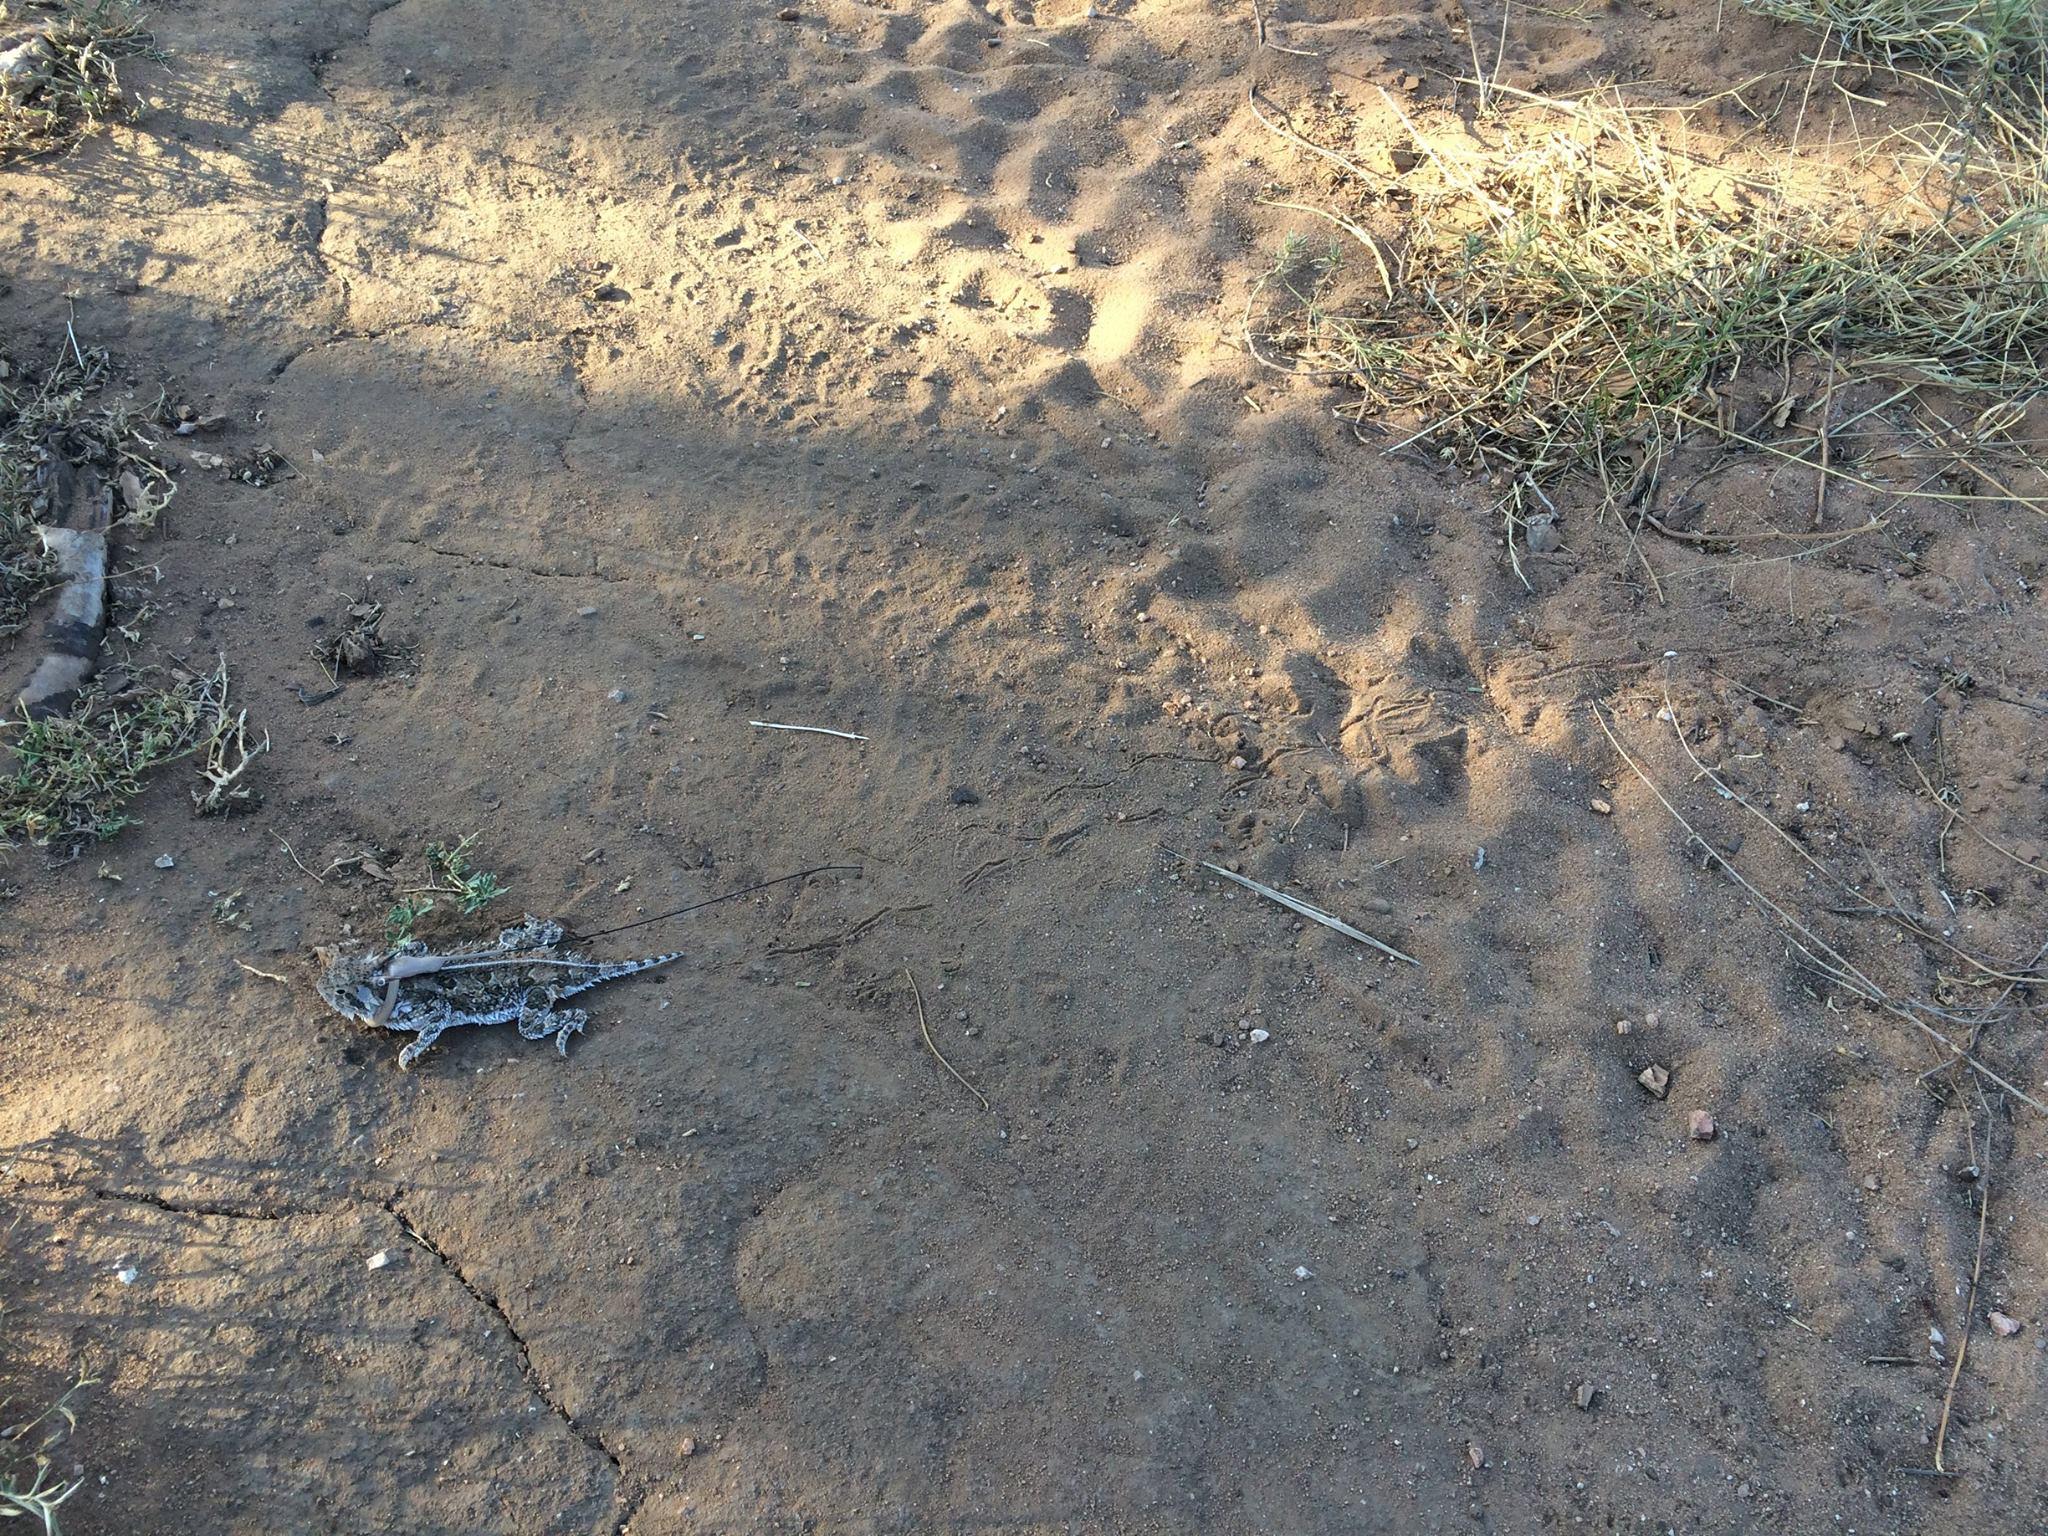 texas horned lizard standing